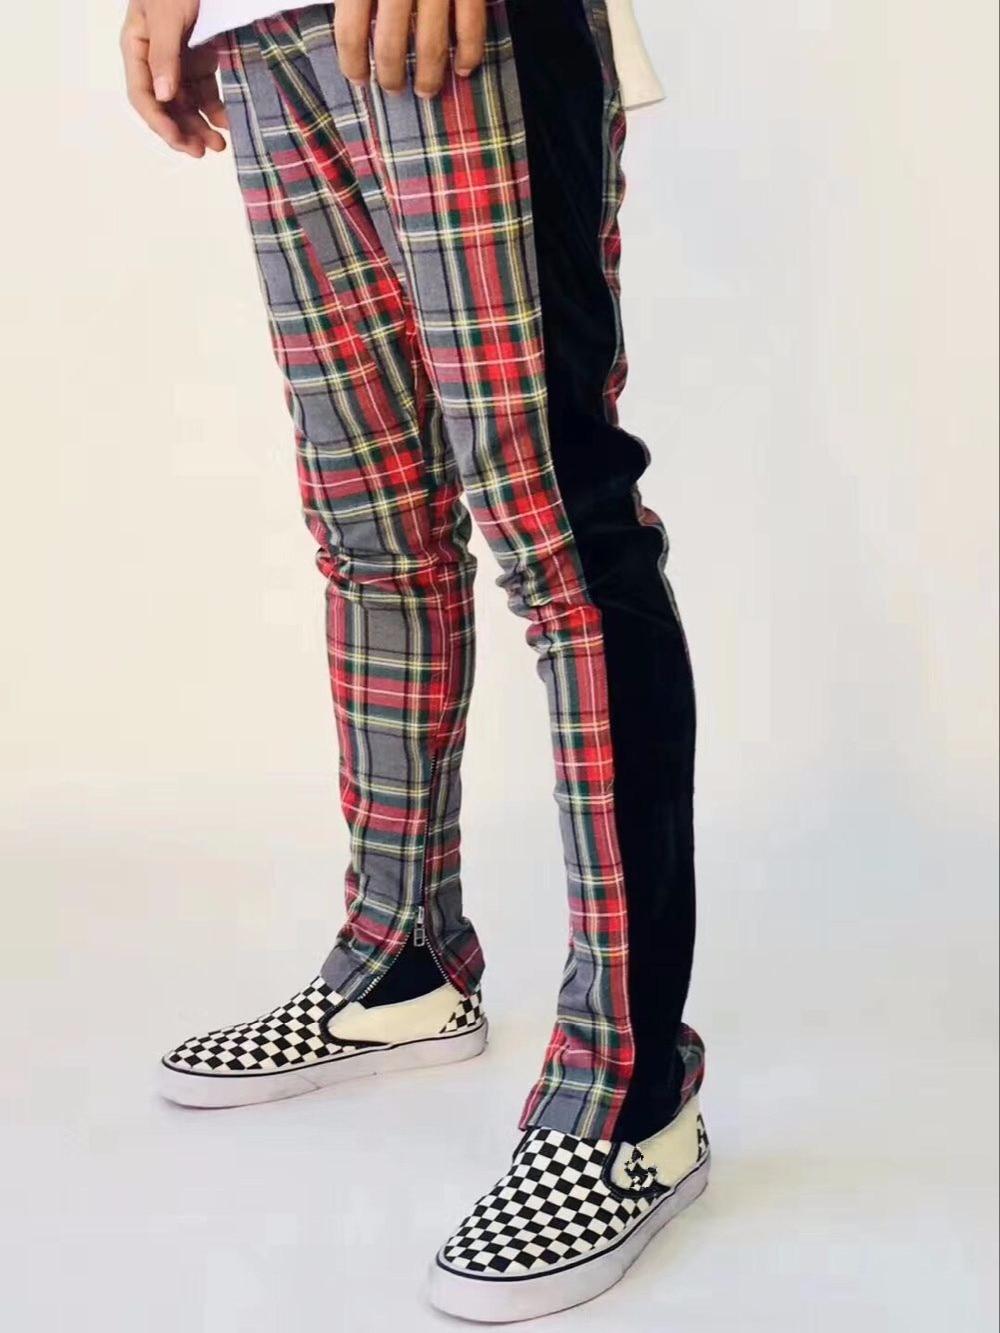 2018 Meilleure Version Rouge Noir bande grille La Peur De Dieu Glissière latérale Hommes Pantalon casual pantalons de survêtement hip hop jogger pantalon S-XL